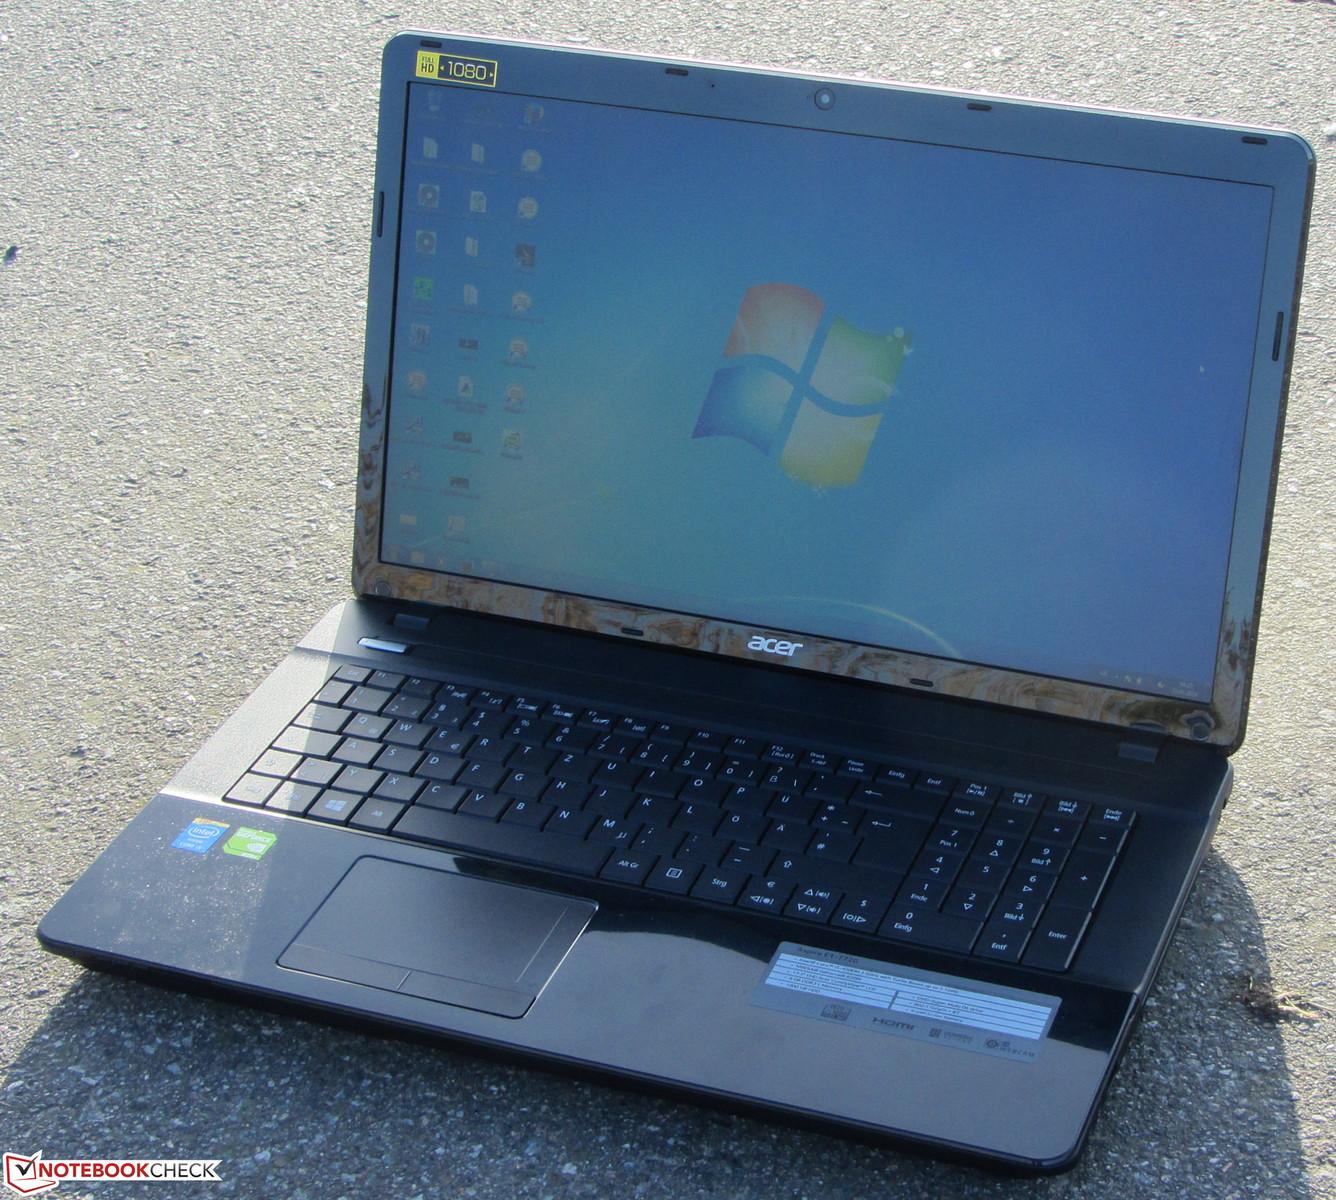 Review Acer Aspire E1 772g 54208g1tmnsk Notebook